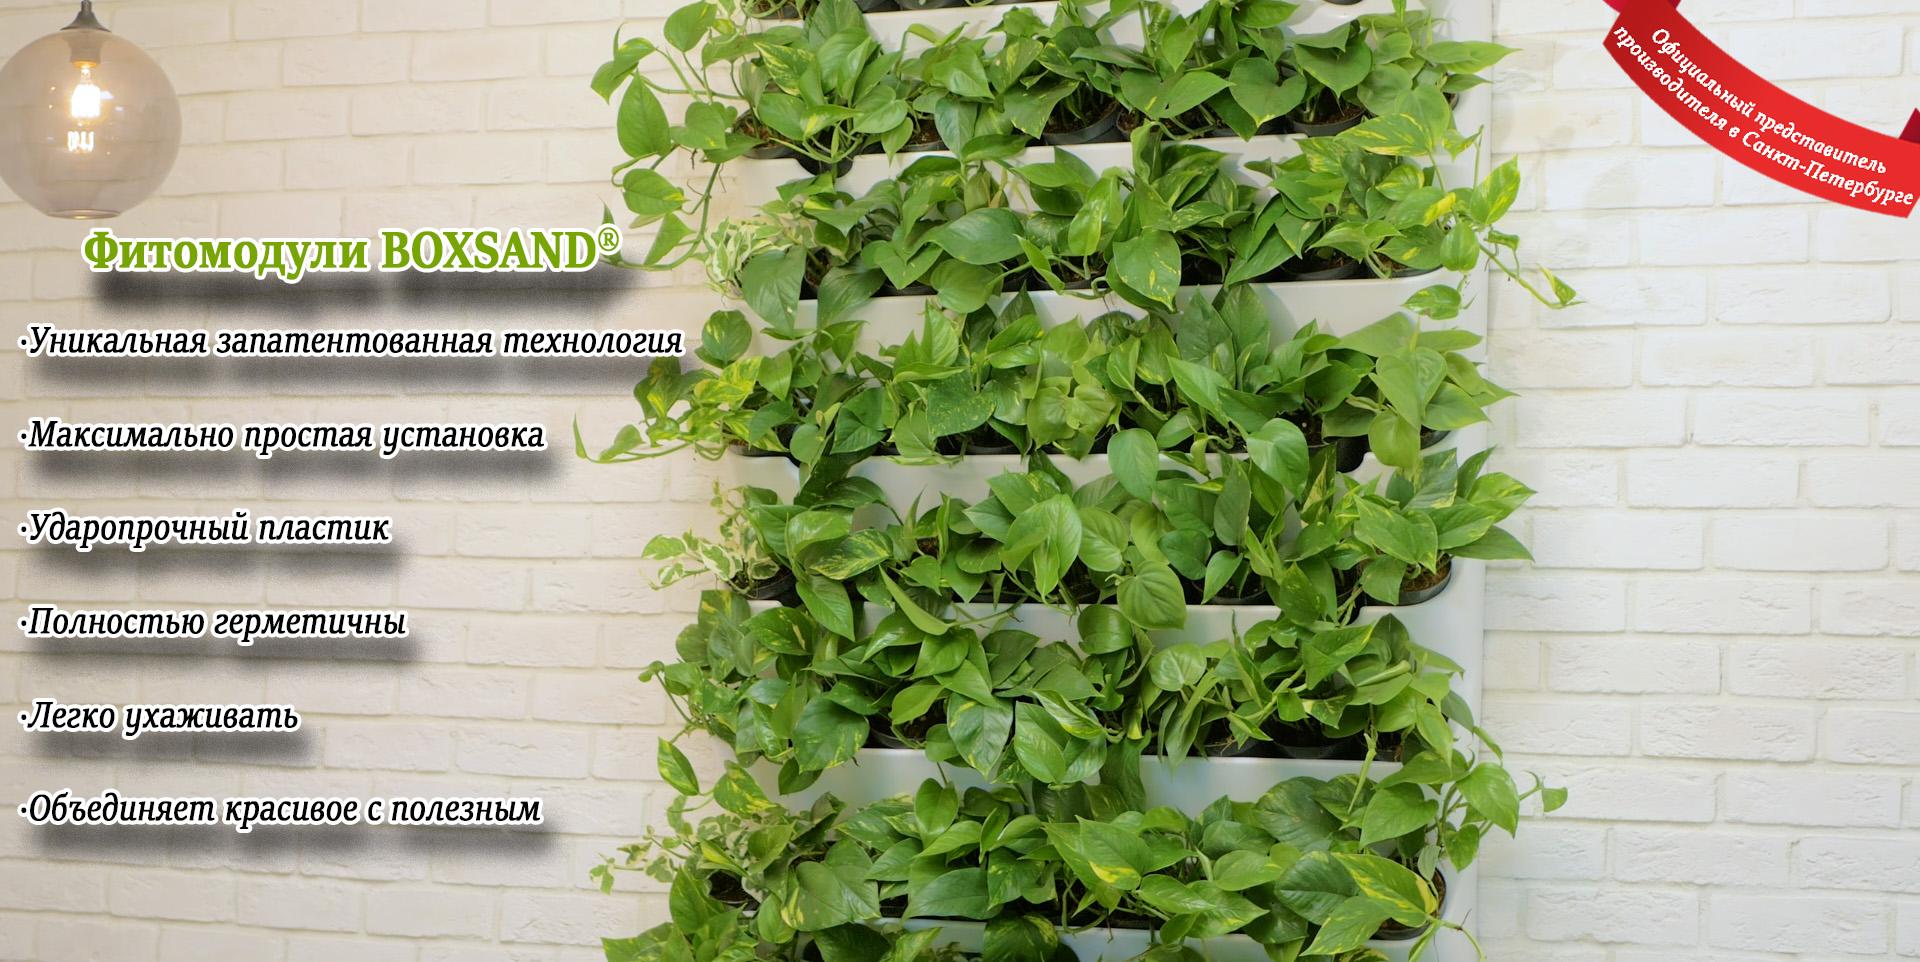 BOXSAND, фитомодули, Вертикальное озеленение, зеленые стены СПб